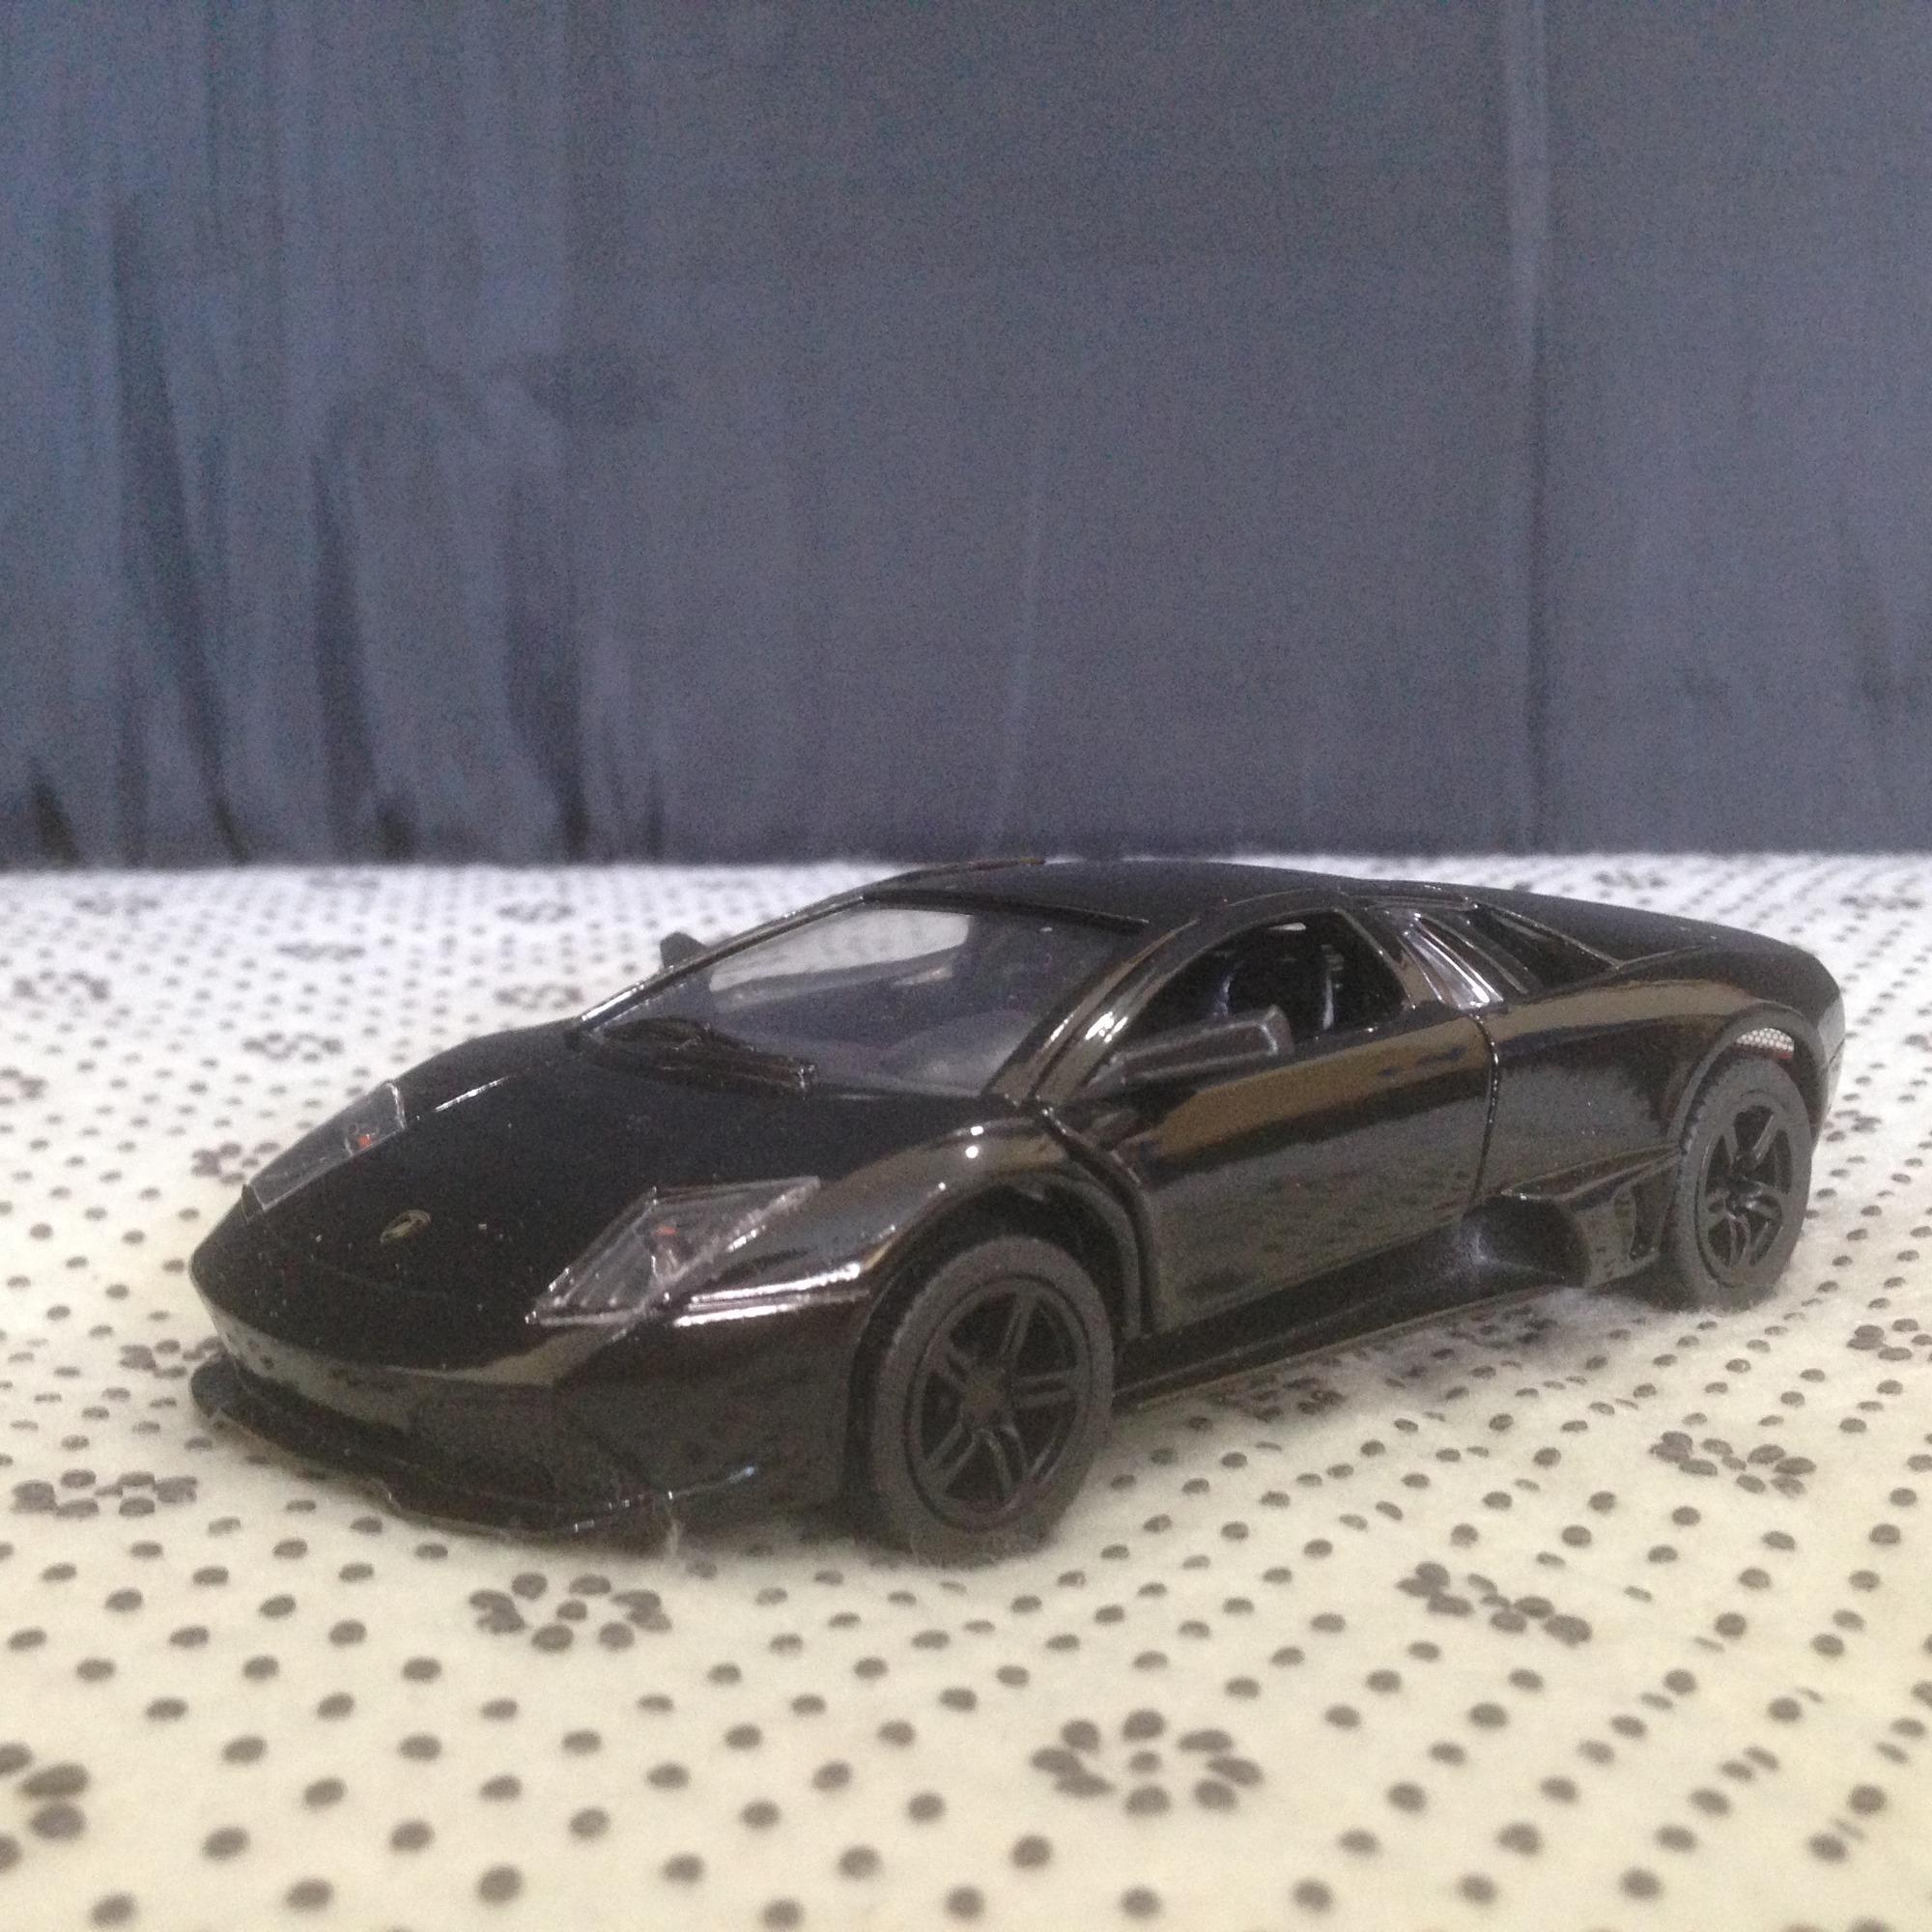 Harga Parfum Mobil Mainan Die Cast Sports Car Model La Black Parfum Mobil Dashboard Bukan Parfum Gantung Bukan Parfum Mobil Gantung Origin